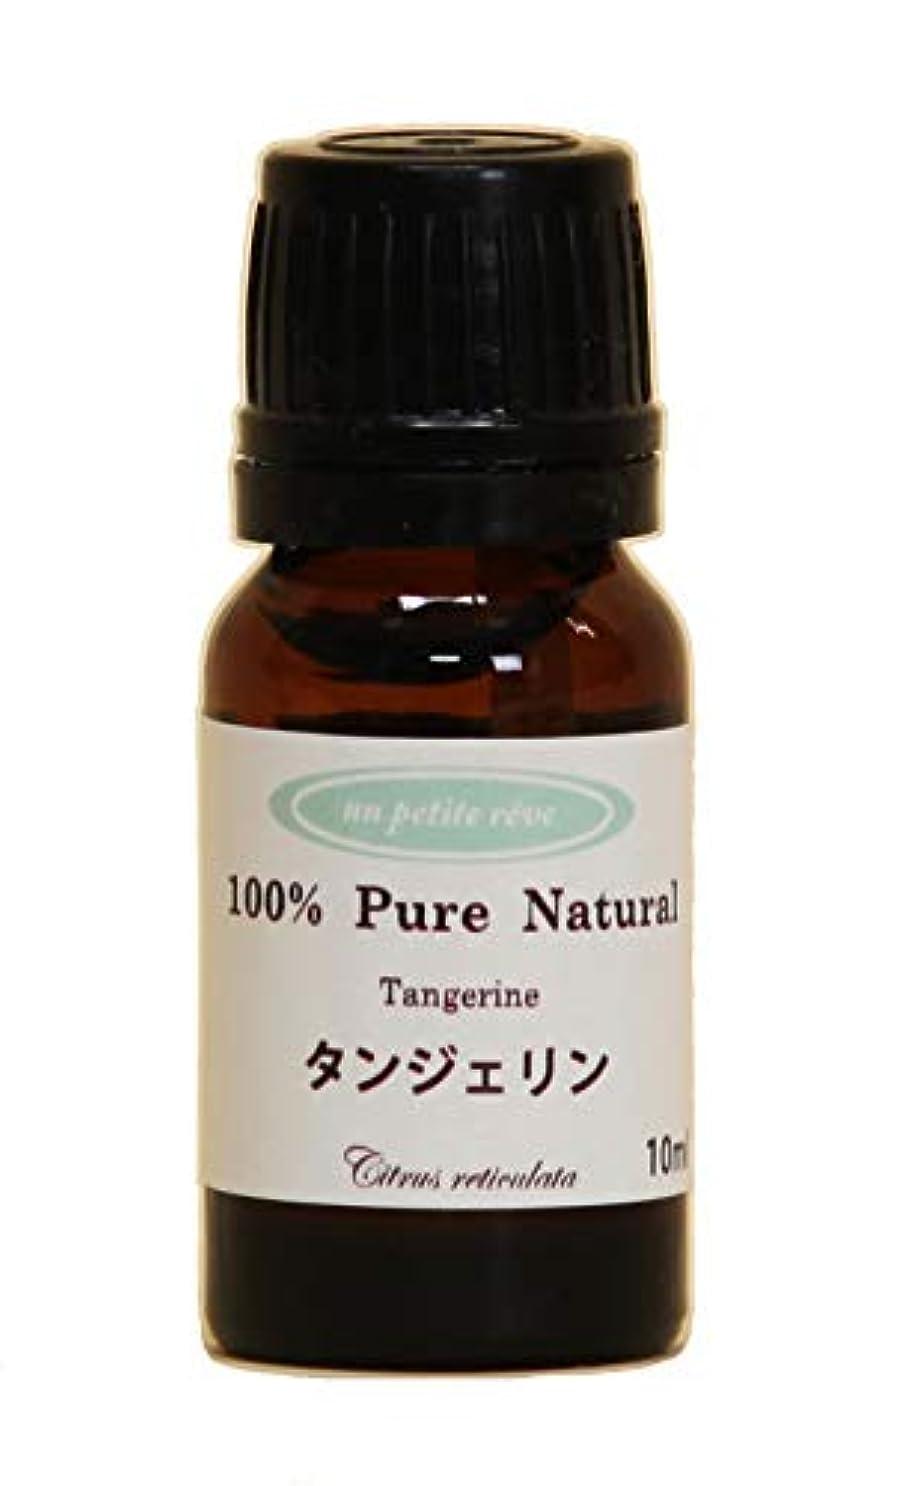 注ぎますキノコ警告タンジェリン  10ml 100%天然アロマエッセンシャルオイル(精油)